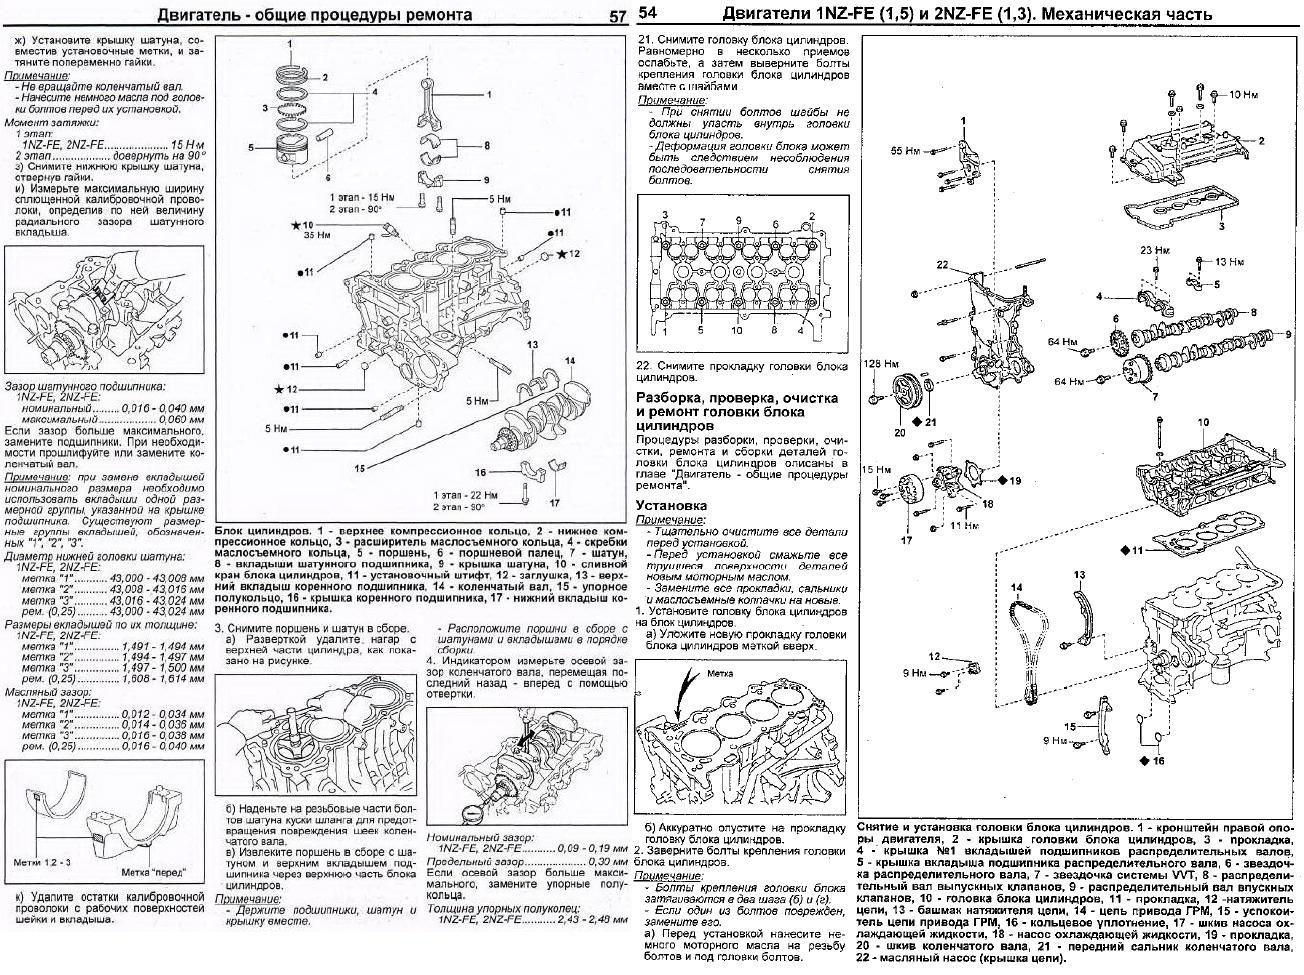 таёта карола 2005 1.4 схема блока предохранителей